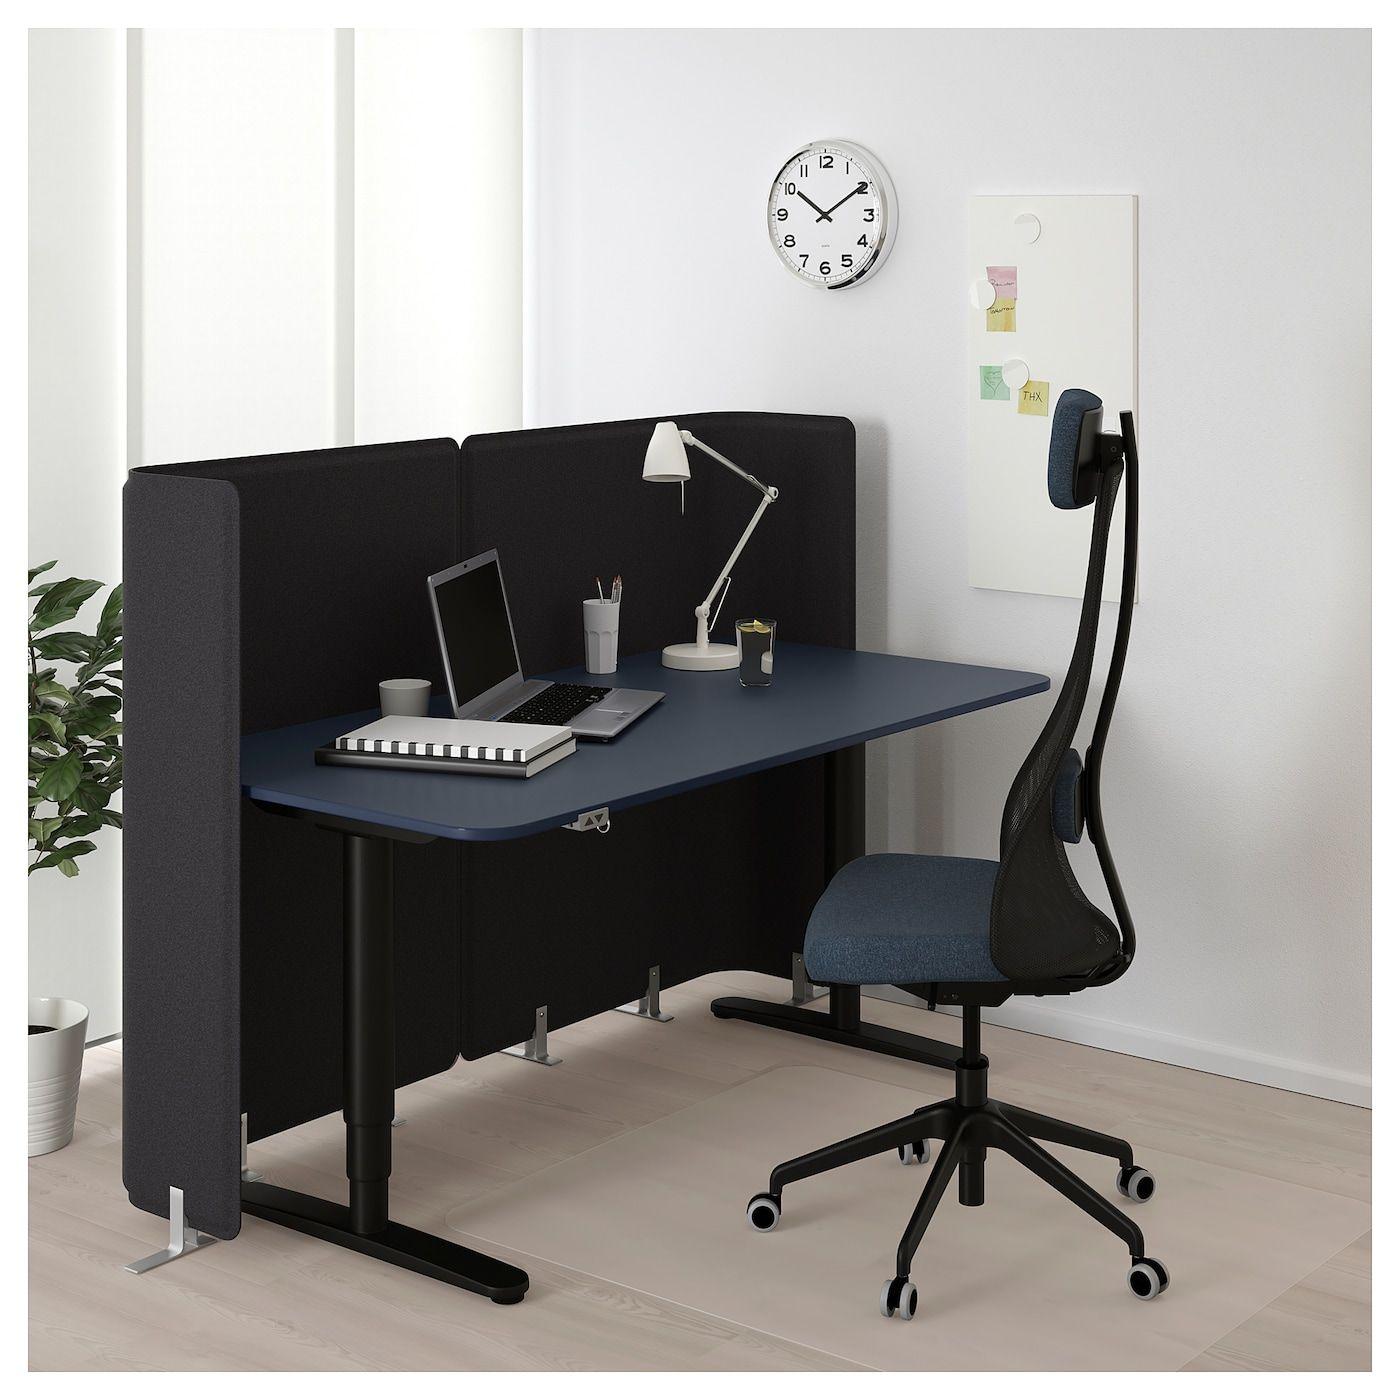 Bekant Bureau De Reception Assis Debout Linoleum Bleu Noir 160x80 120 Cm Ikea Ikea Surface De Travail Linoleum